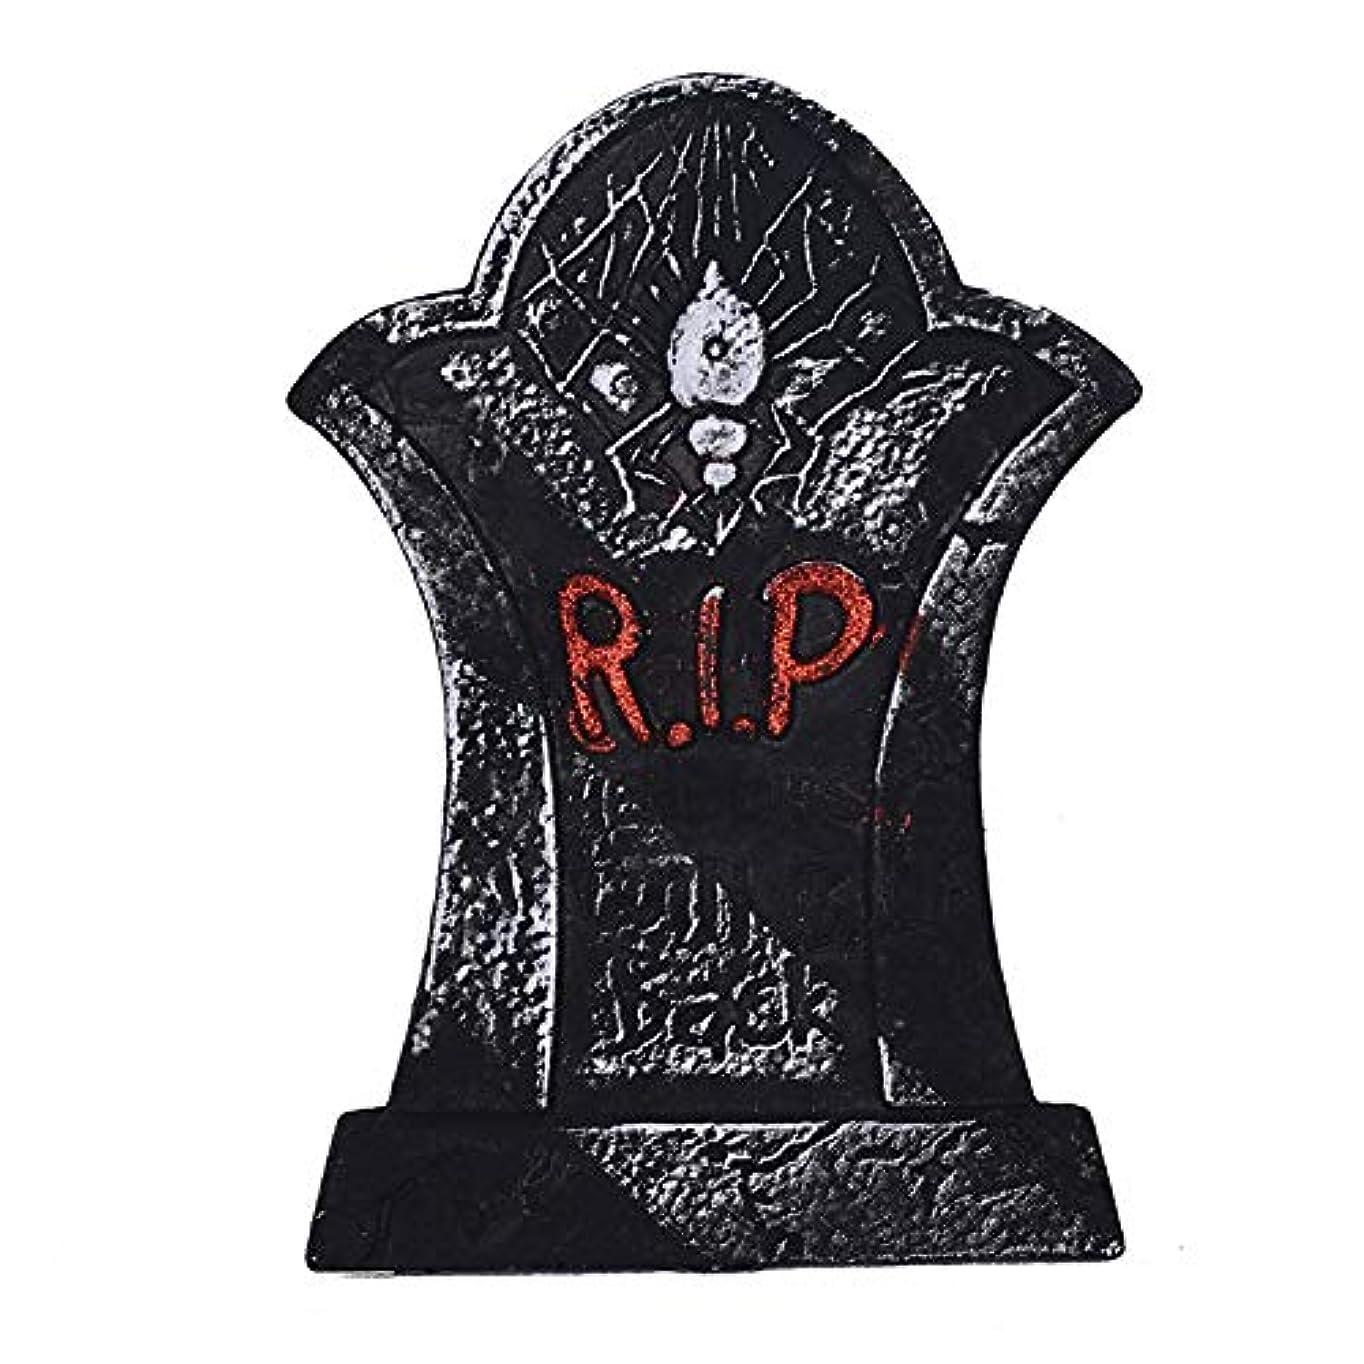 メディカル百ふけるETRRUU HOME ハロウィーンの三次元墓石タトゥーショップ装飾バーお化け屋敷の秘密の部屋怖い怖い装飾小道具